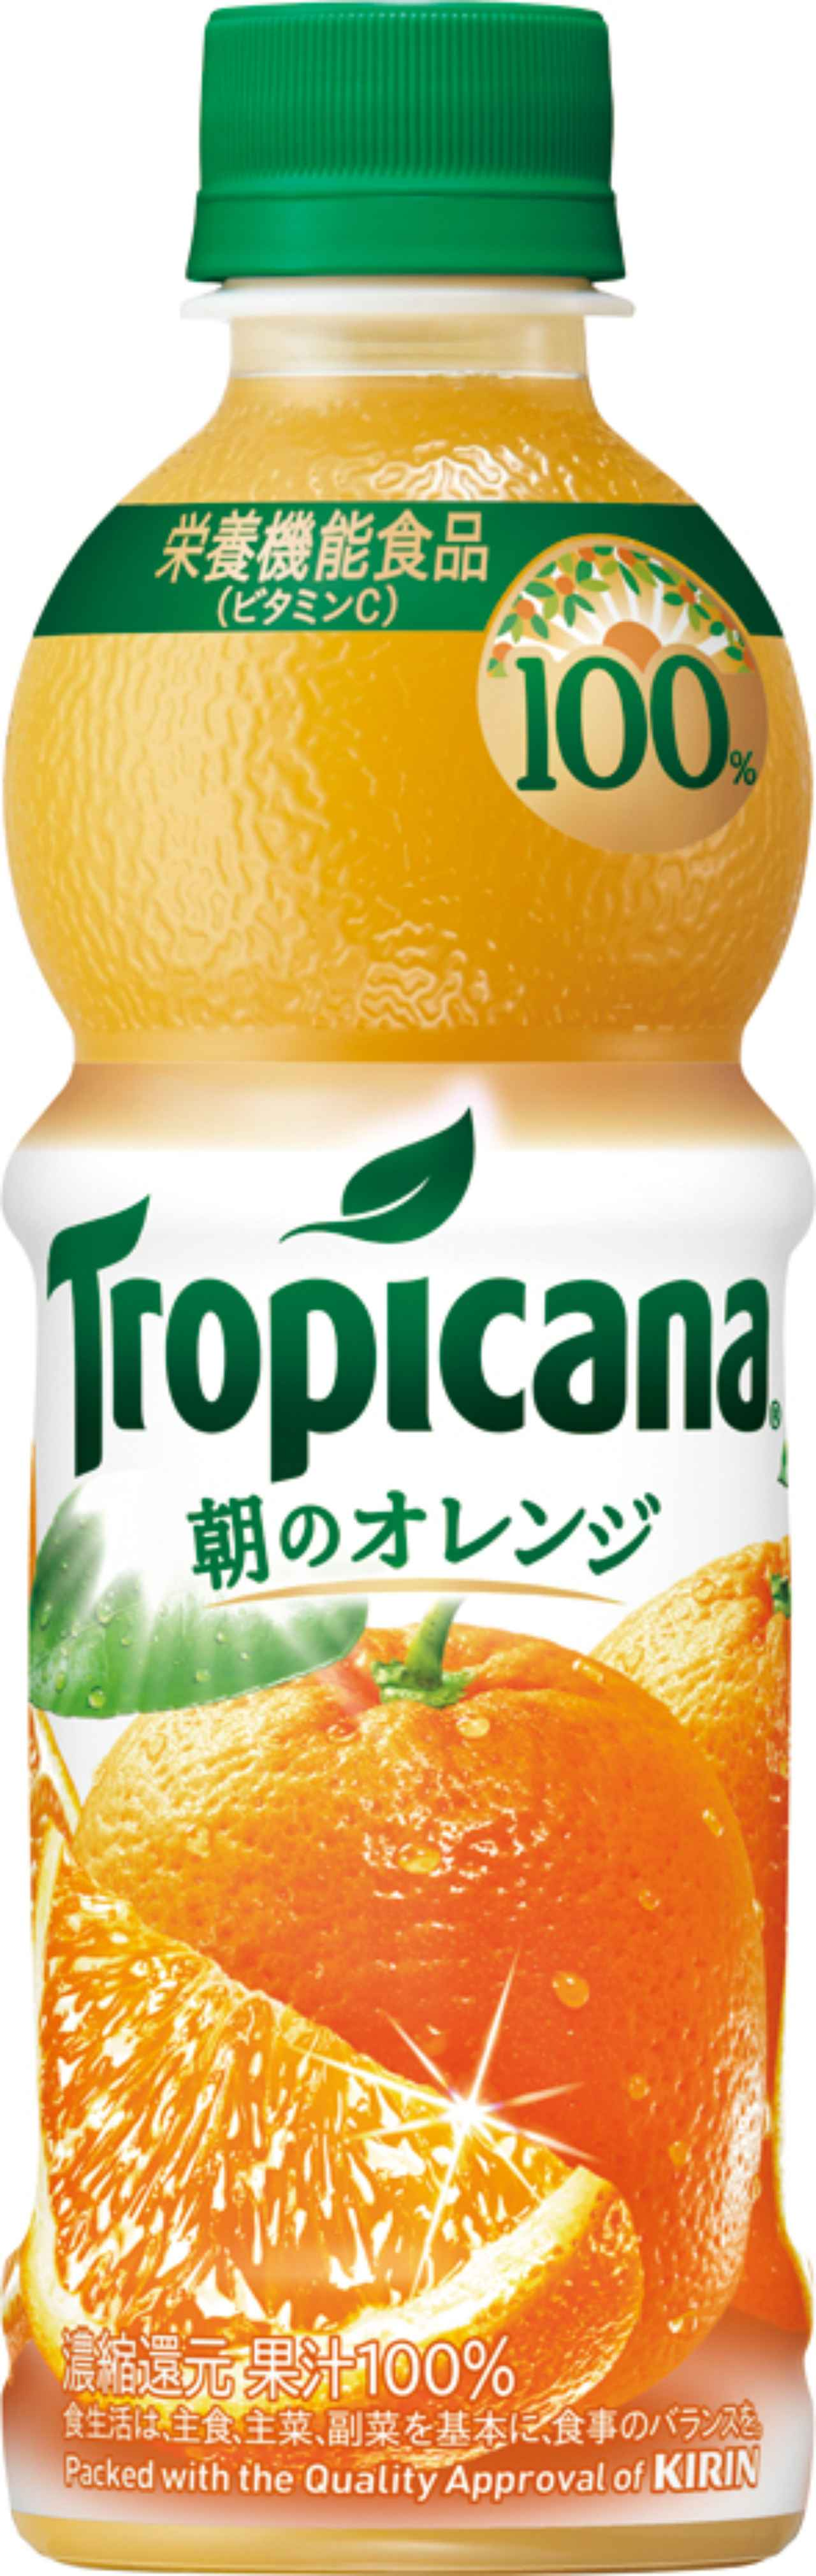 画像: 【読者プレゼント】大切な人との絆を深めるオレンジデーを応援